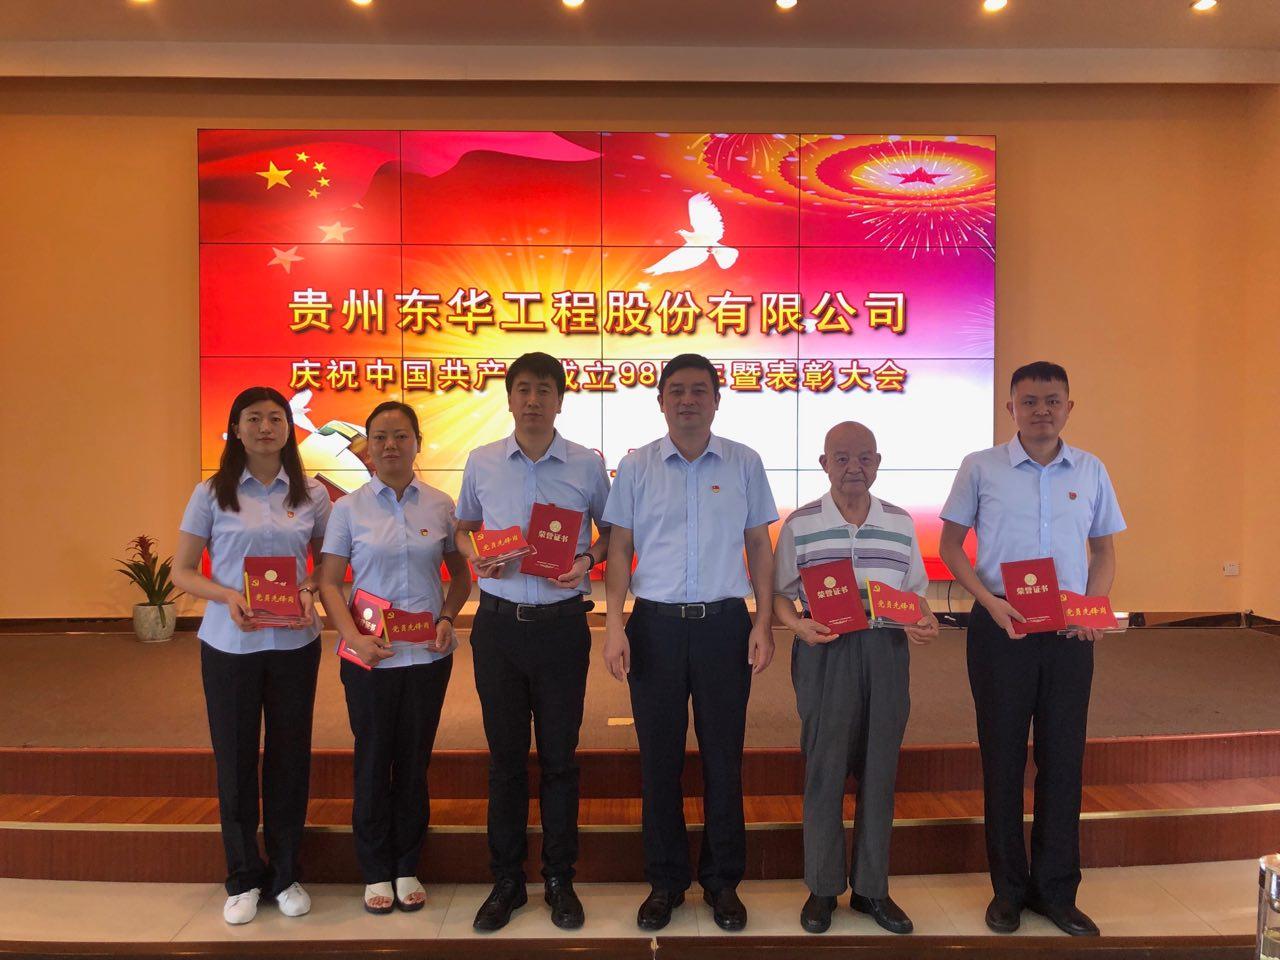 公司党委召开庆祝中国共产党创建98周年暨表扬大会